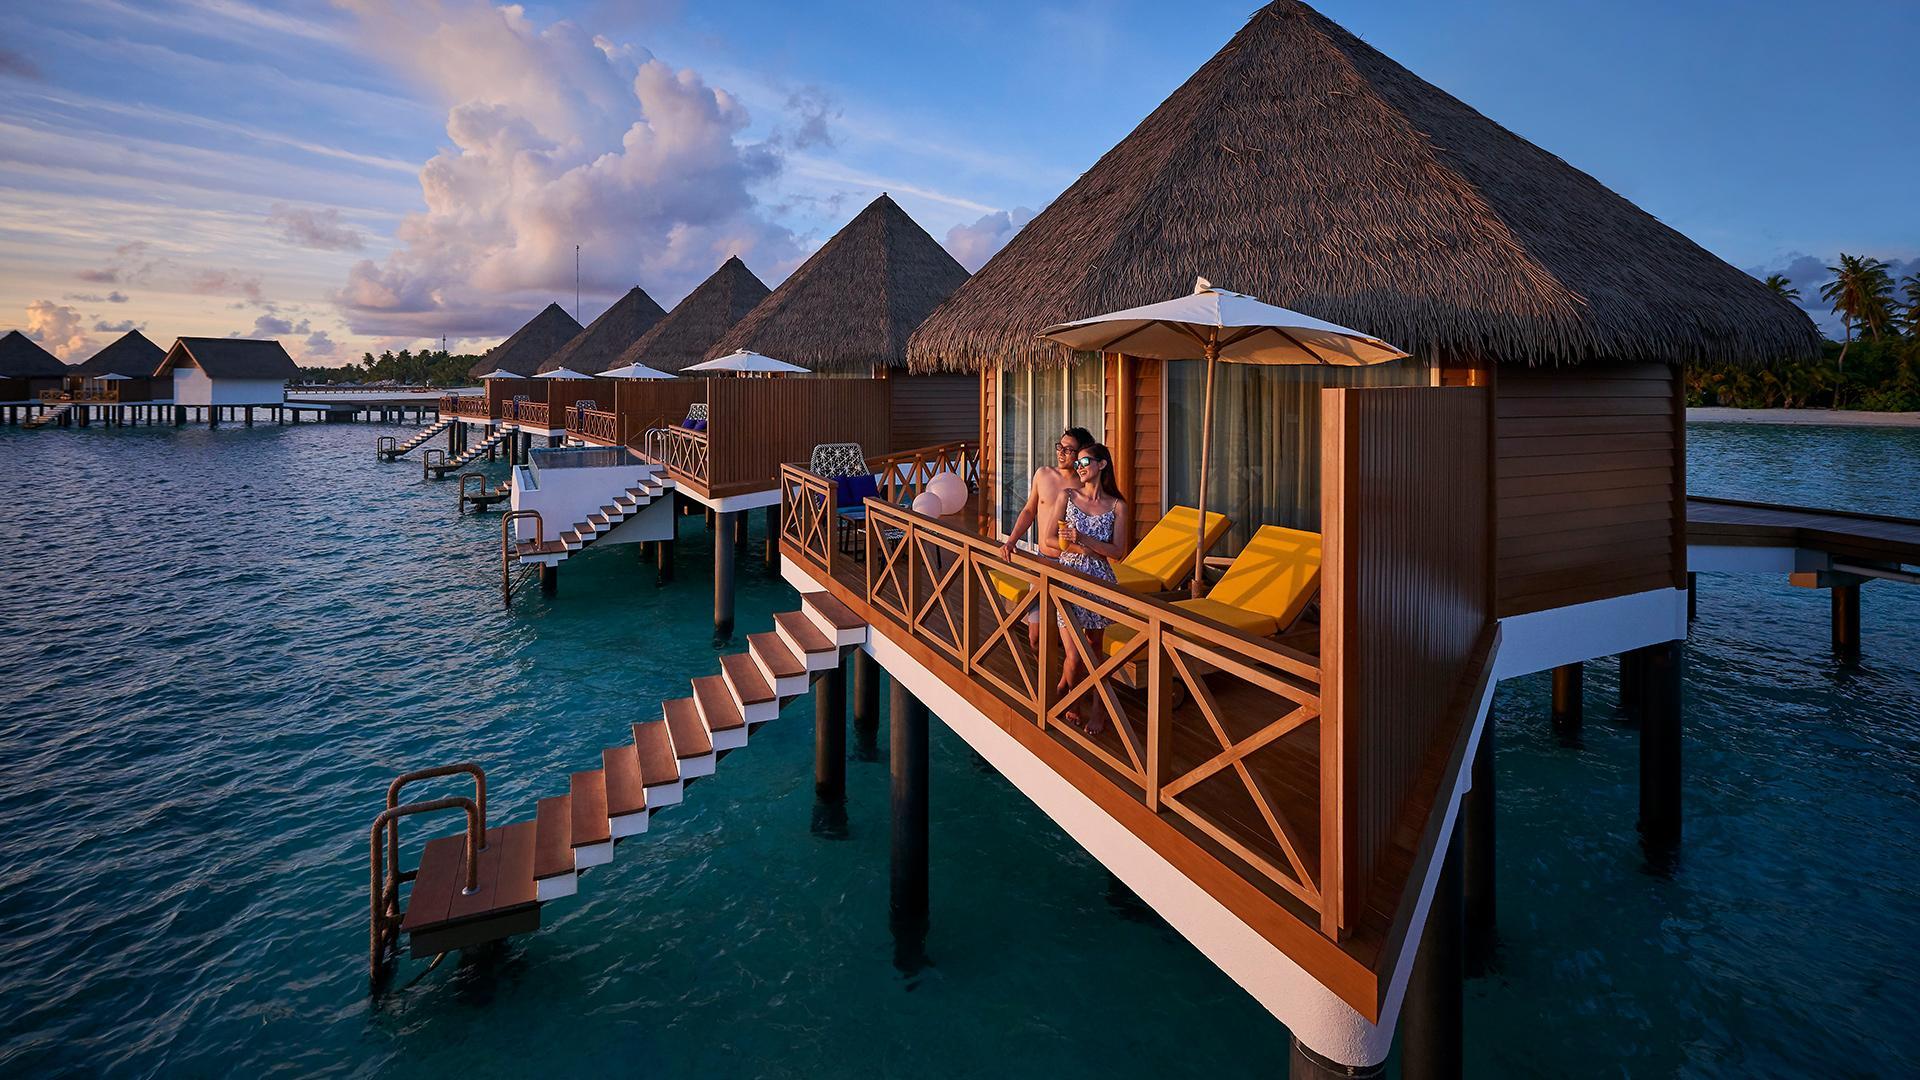 Overwater Sunset Villa image 1 at Kooddoo Maldives Resort by Mercure July 2020 by Gaafu Alifu Atoll, Upper South Province, Maldives